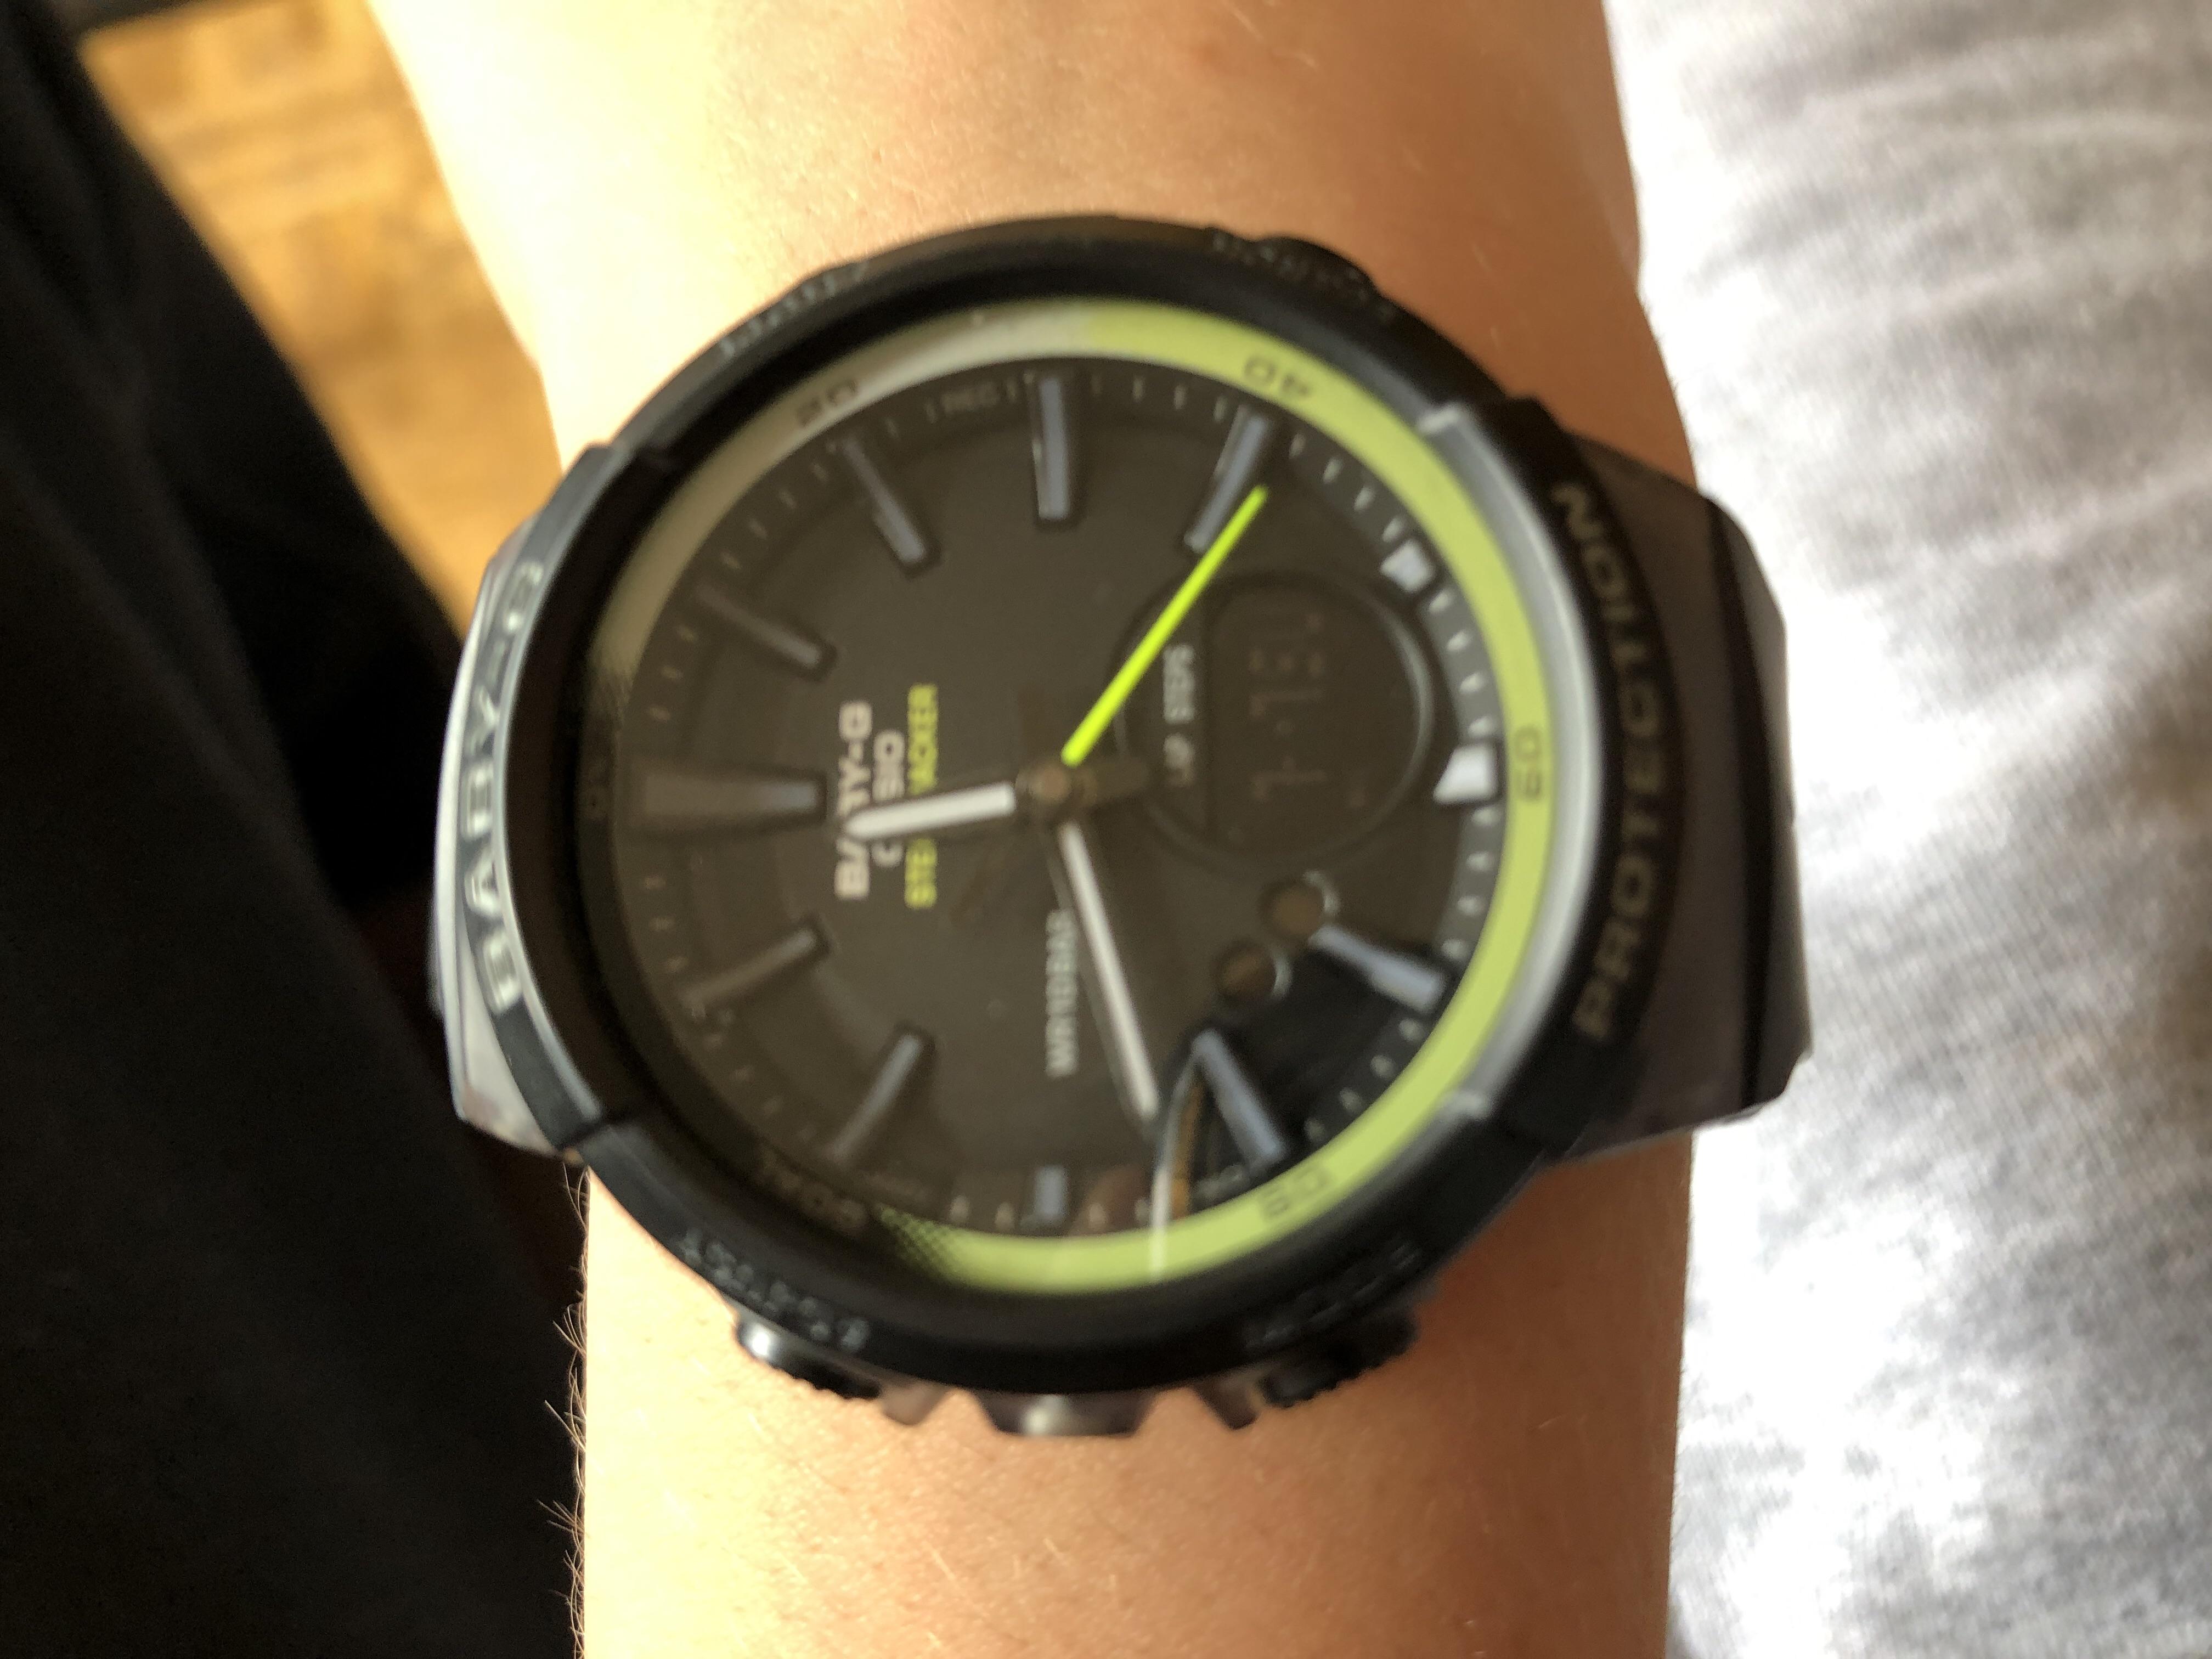 00 1 Casio 4757 ArmbanduhrUhrDamenherrenarmbanduhr Defekt